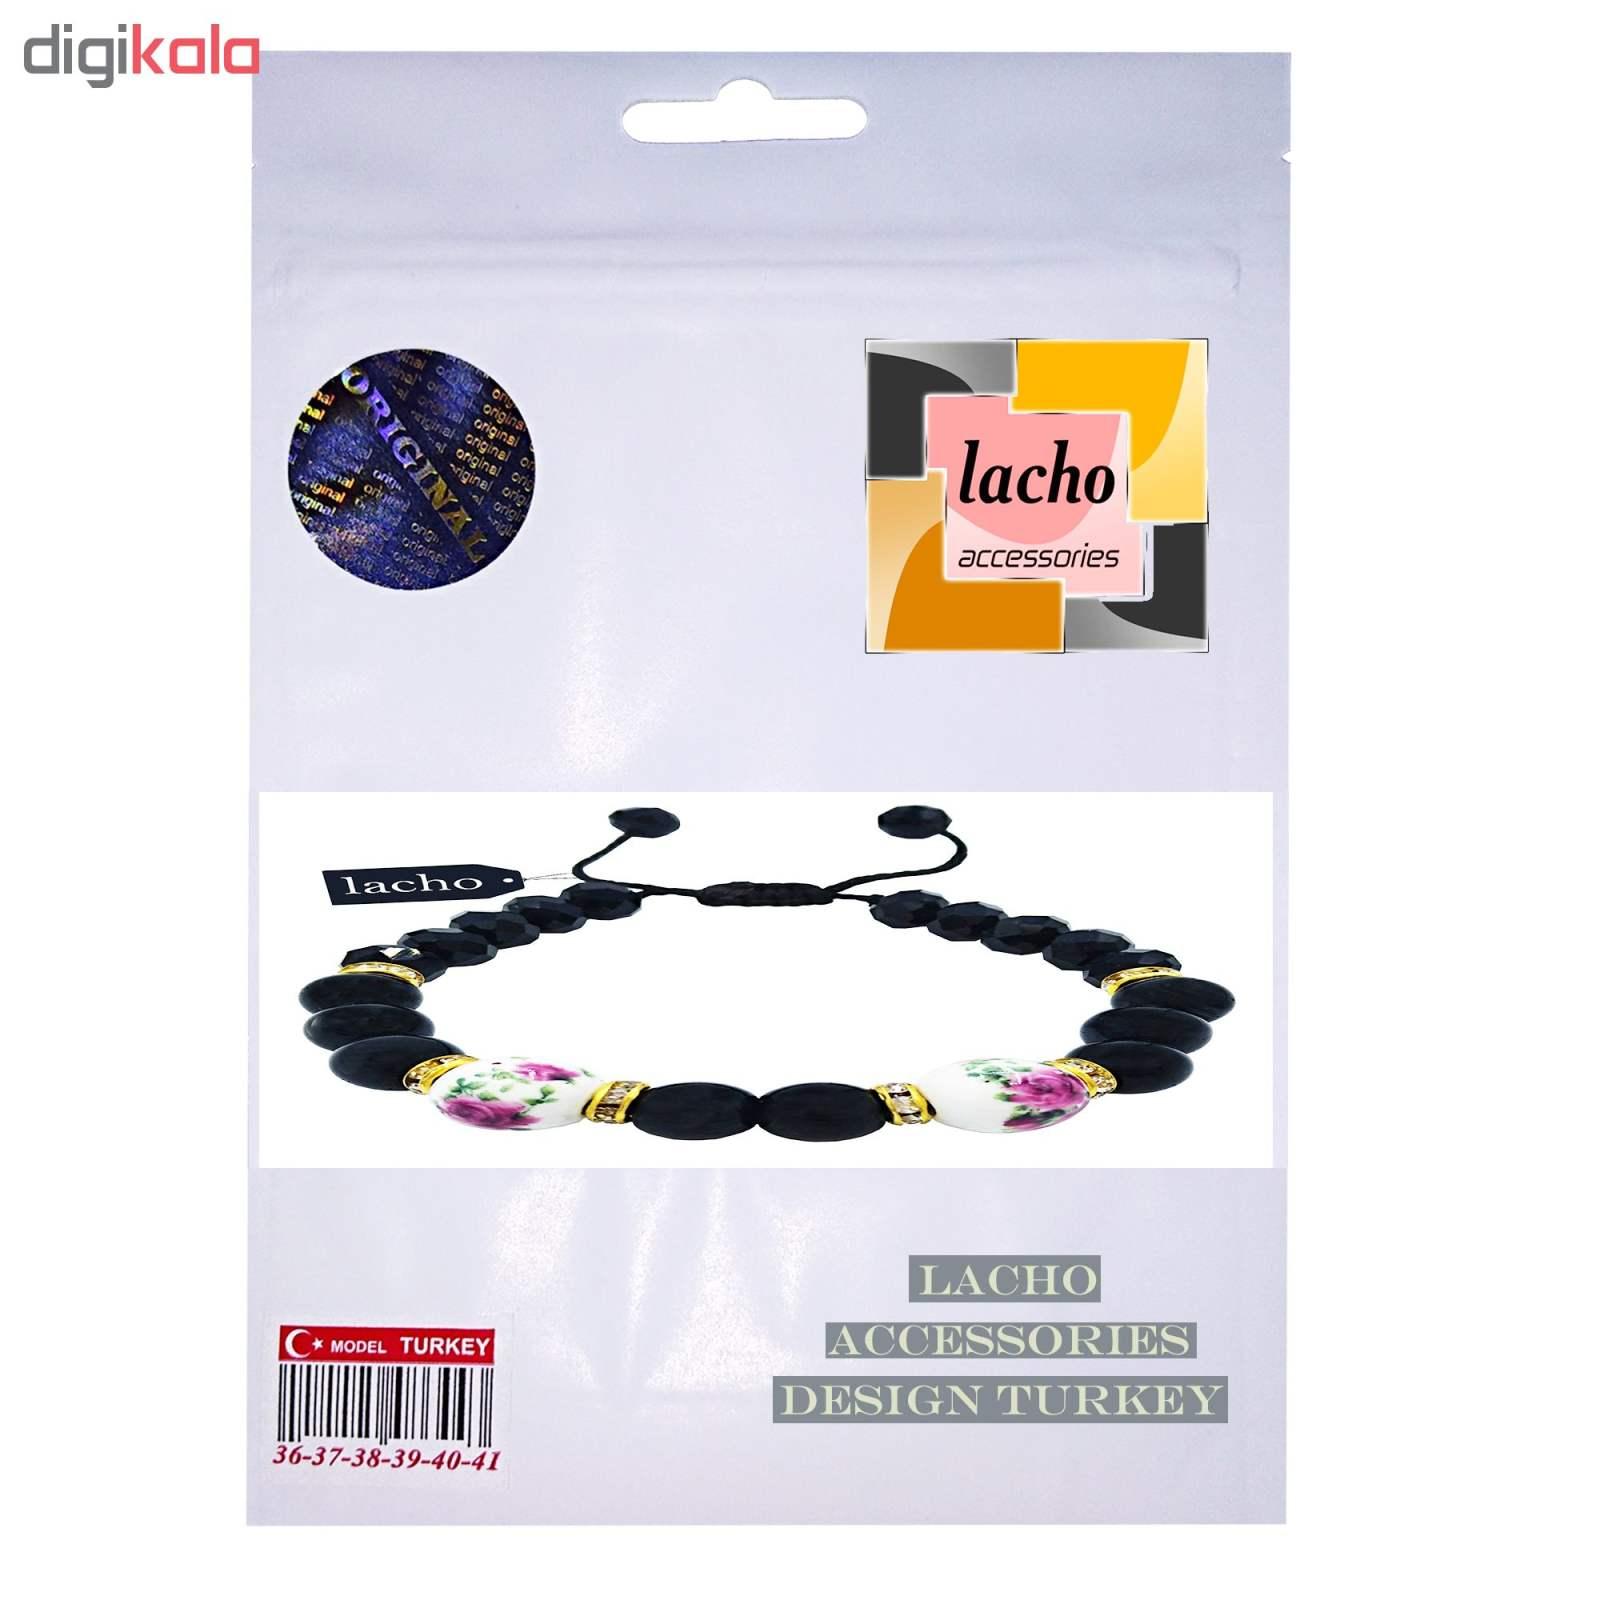 دستبند زنانه لاچو طرح رز کد 5623 main 1 2